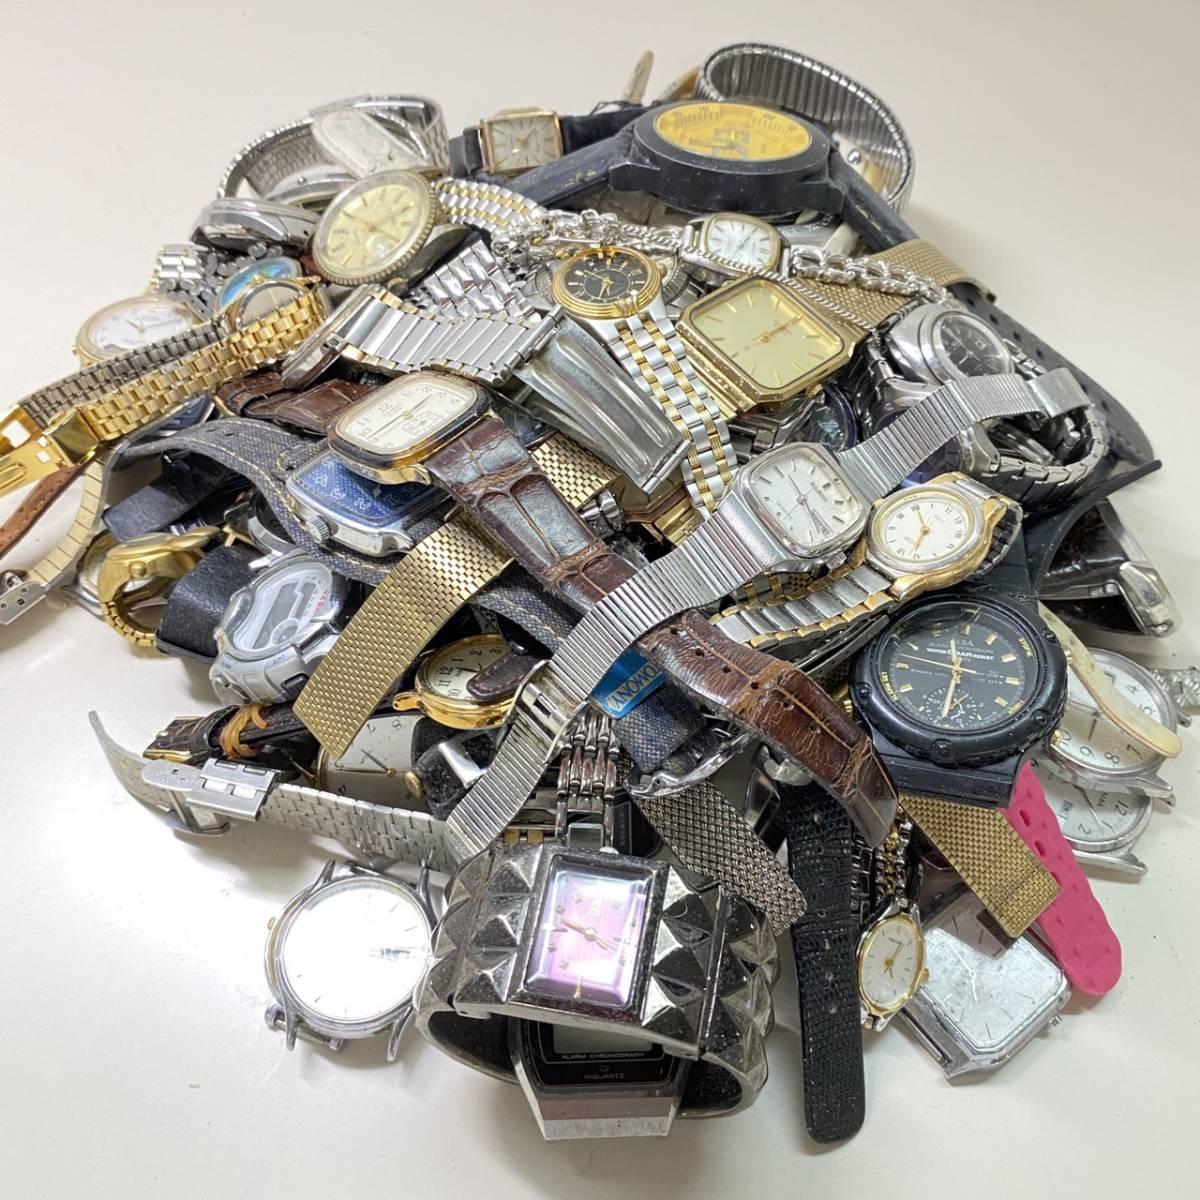 【腕時計まとめ】SEIKO CASIO CITIZEN 他多メーカー メンズ レディース 約118本 セット ジャンク品有り 大量 1円スタート